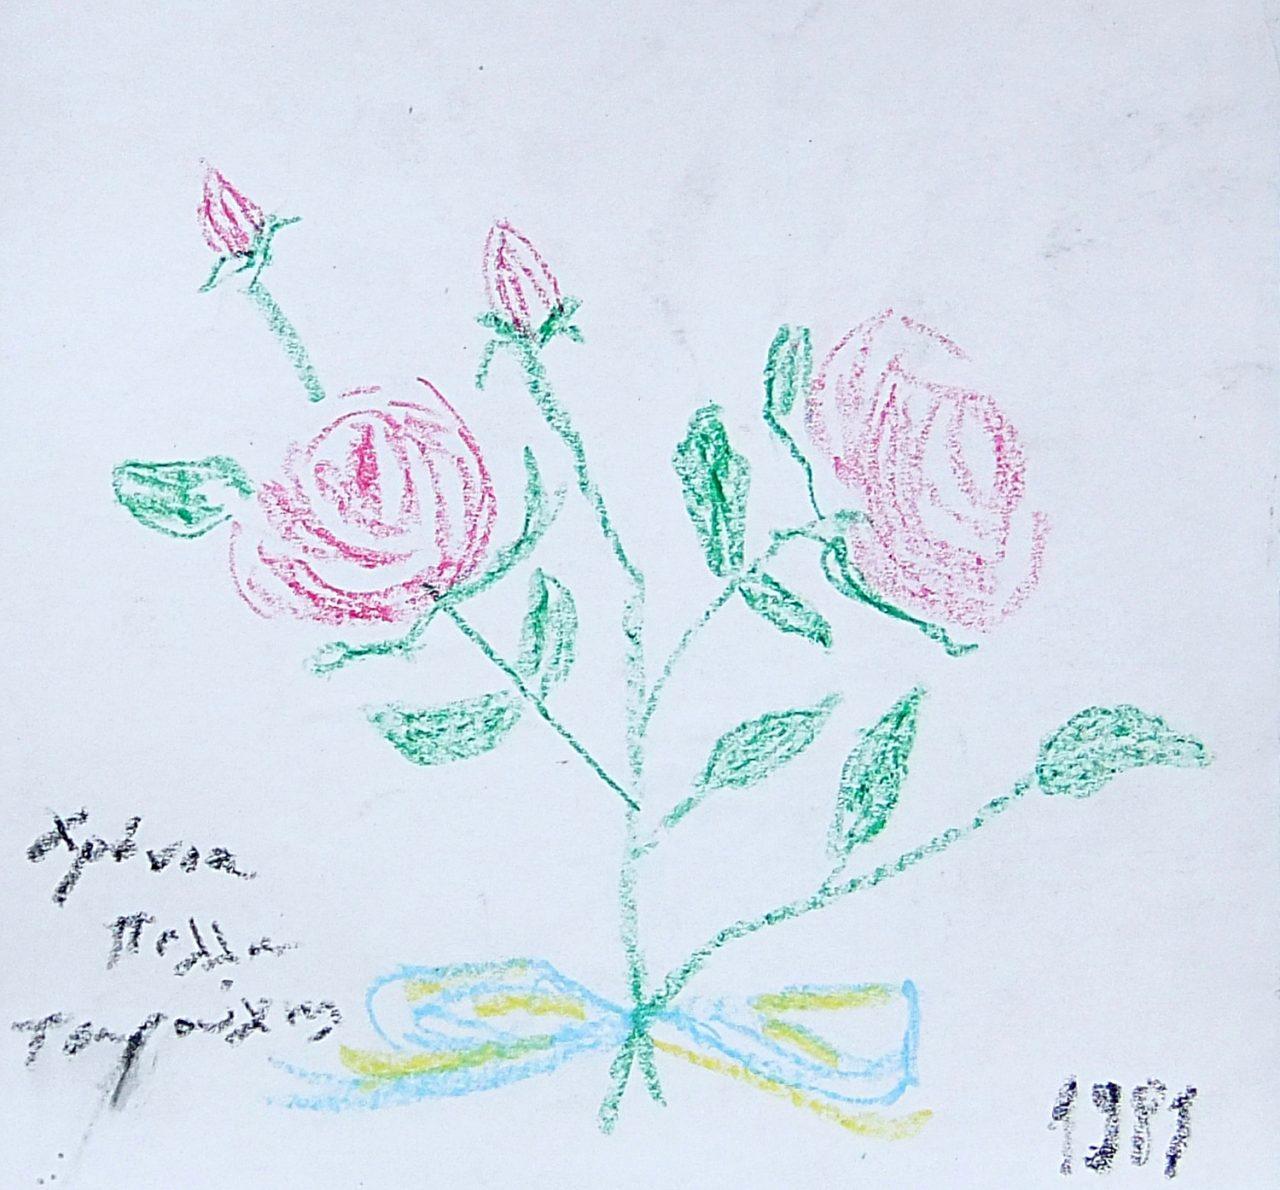 054. TSAROUCHIS Yannis (1910-1989)